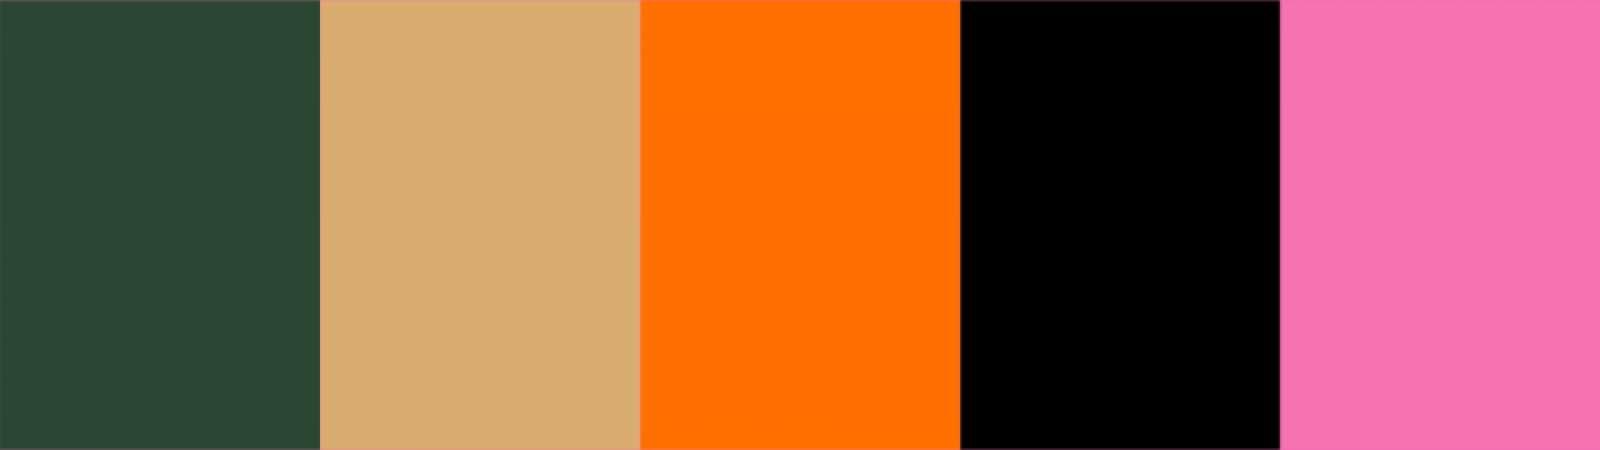 Dunkelgrün und seine aktuellen Farbpartner